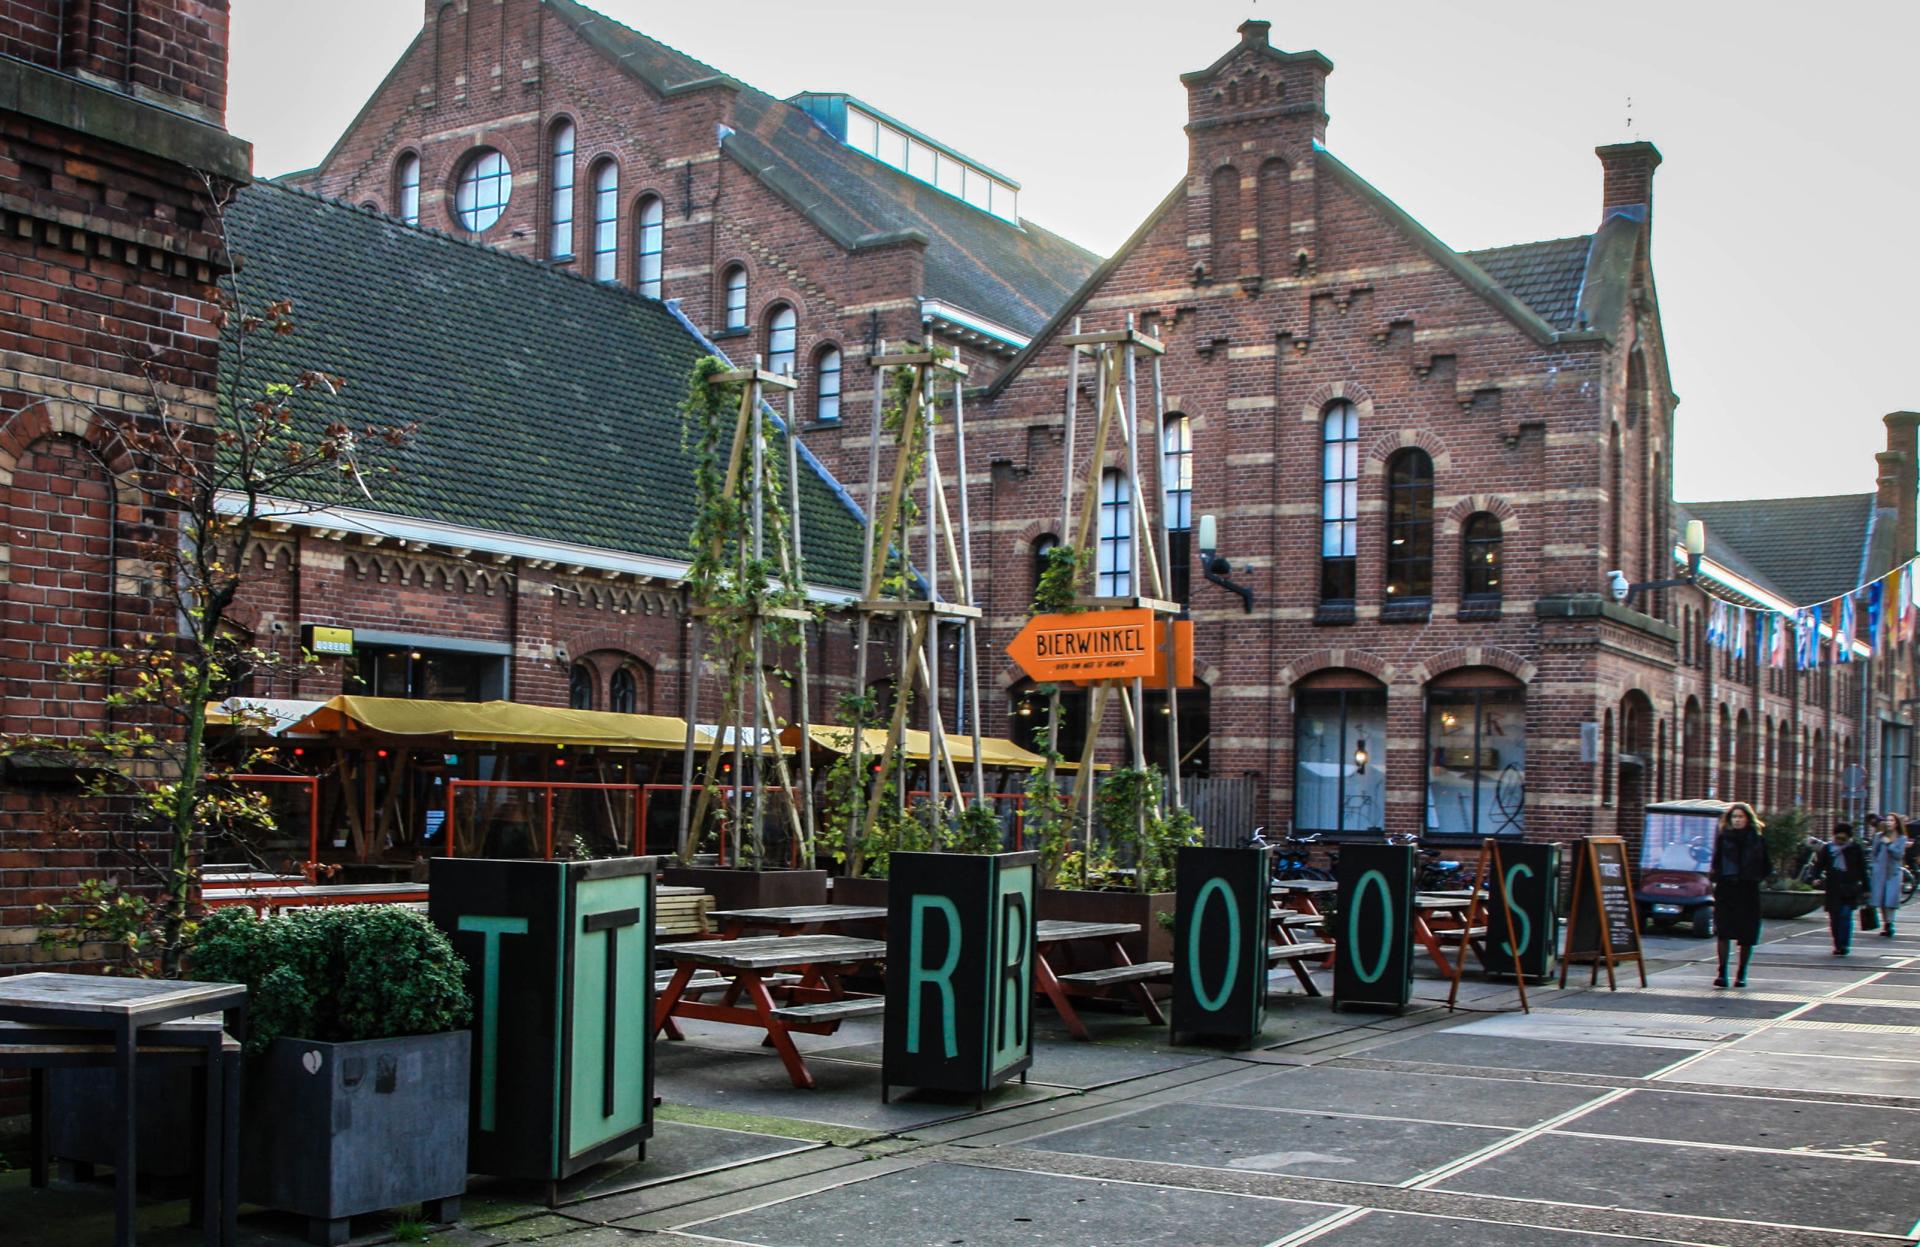 Brouwerij troost citytrip